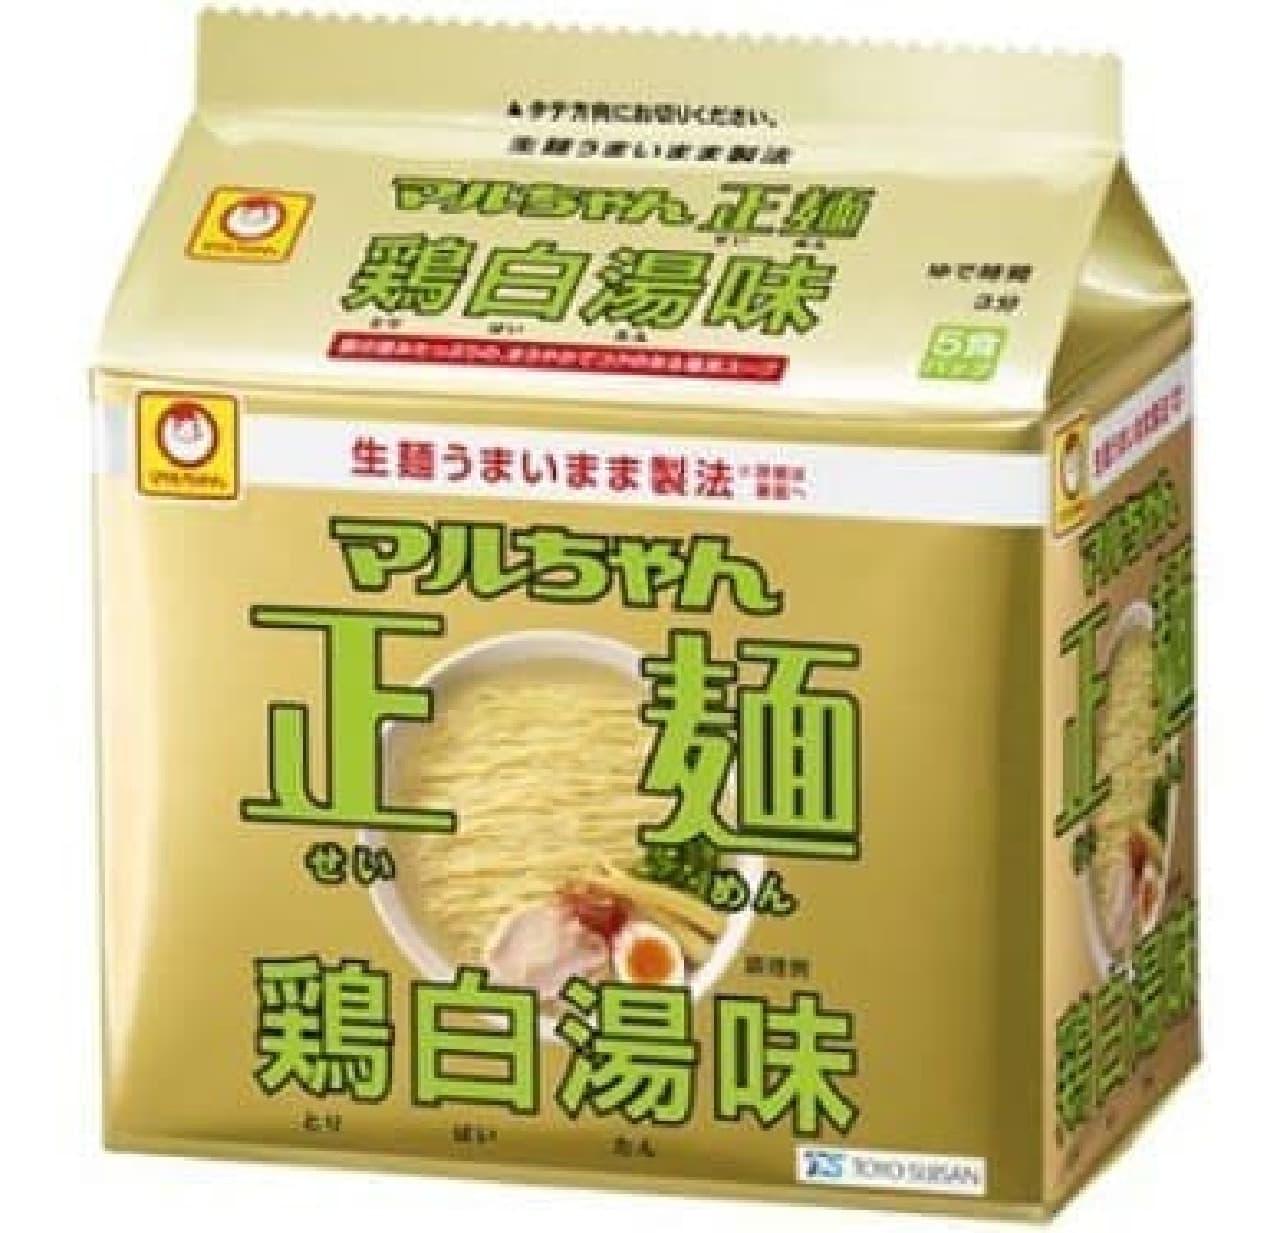 「マルちゃん正麺 鶏白湯(とりぱいたん)味 5色パック」